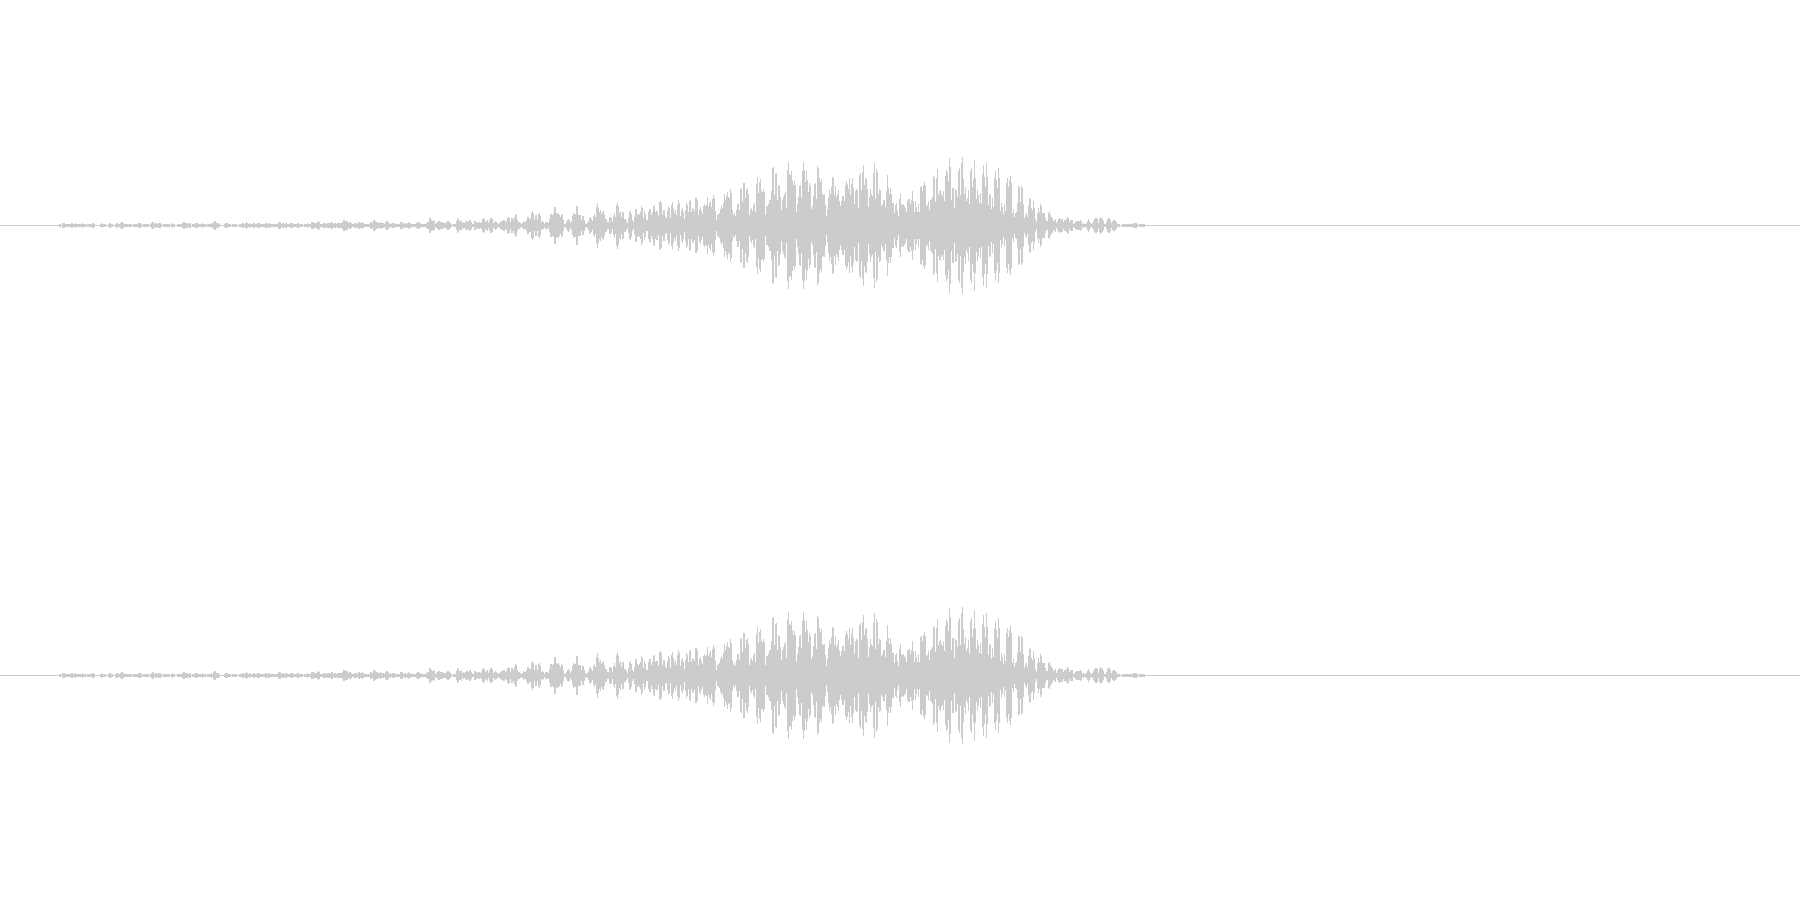 「おーっ!」 男性 掛け声 の未再生の波形